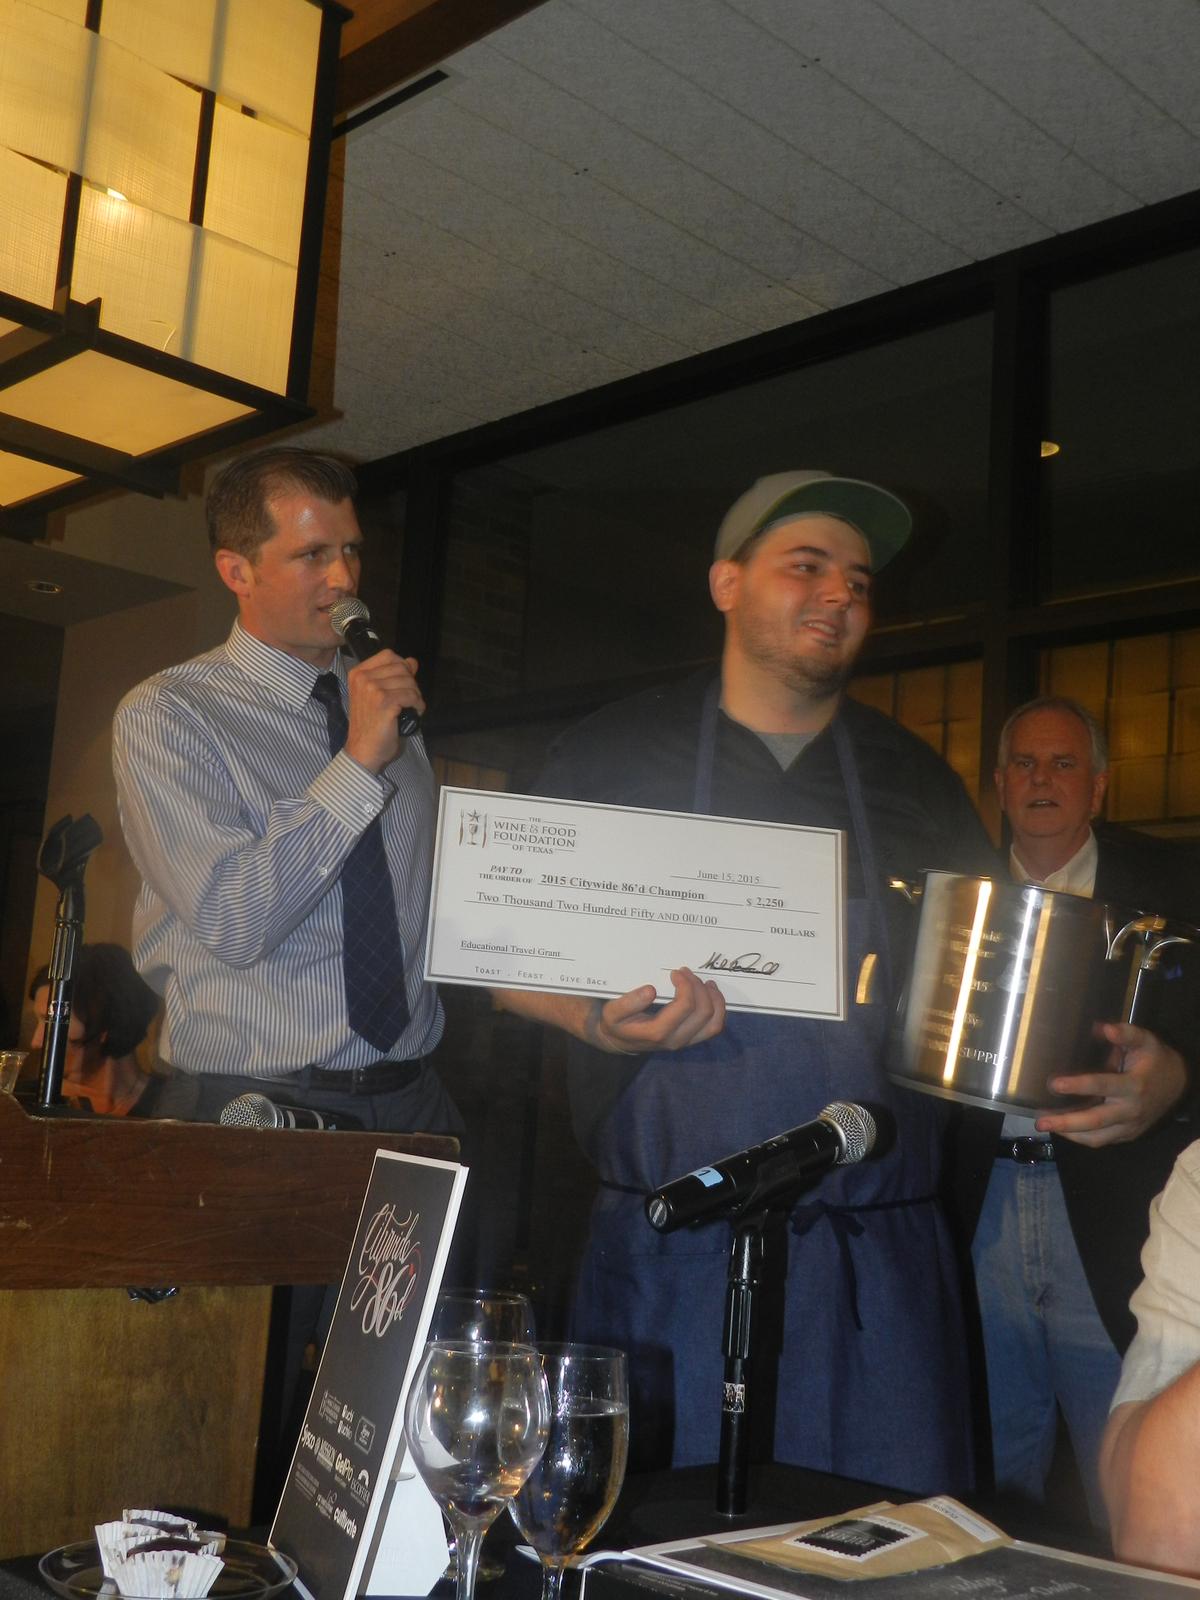 The Winner of Citywide 86d Final : Joel Garza